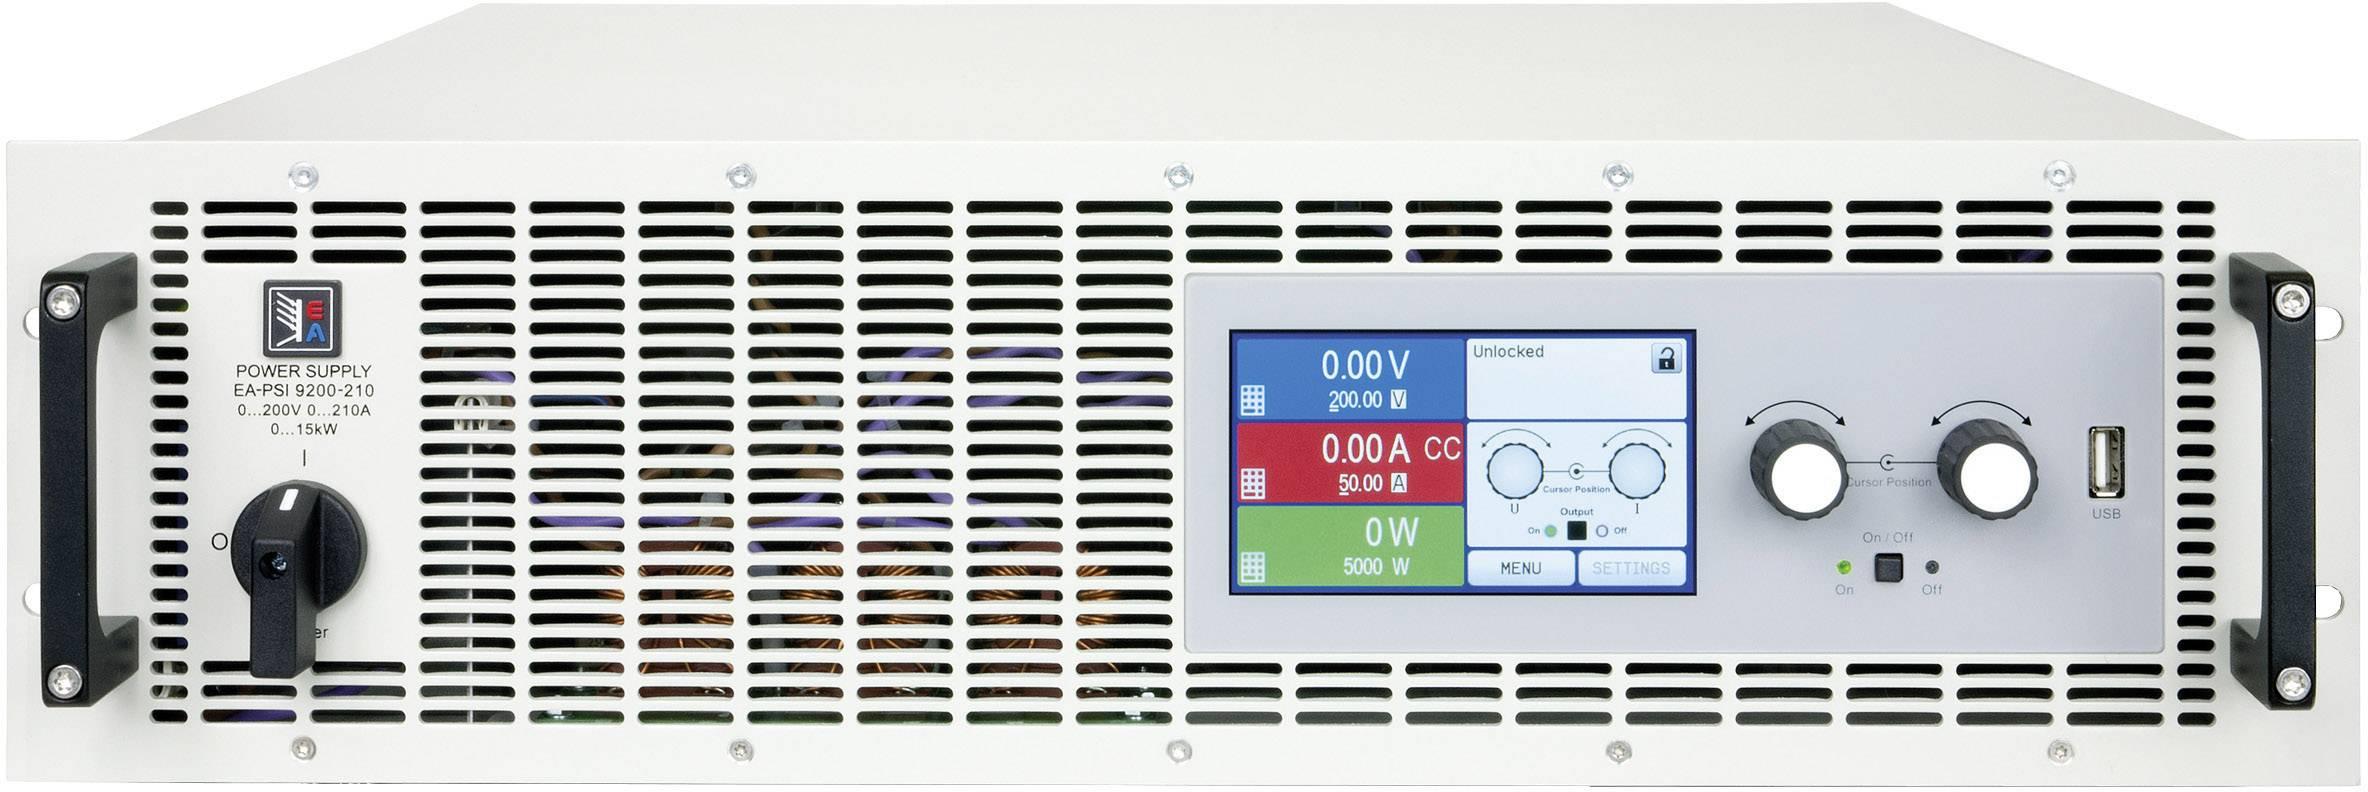 Programovateľný laboratórny zdroj EA EA-PSI 9200-70, 3U, 80 V, 170 A, 5000 W, USB